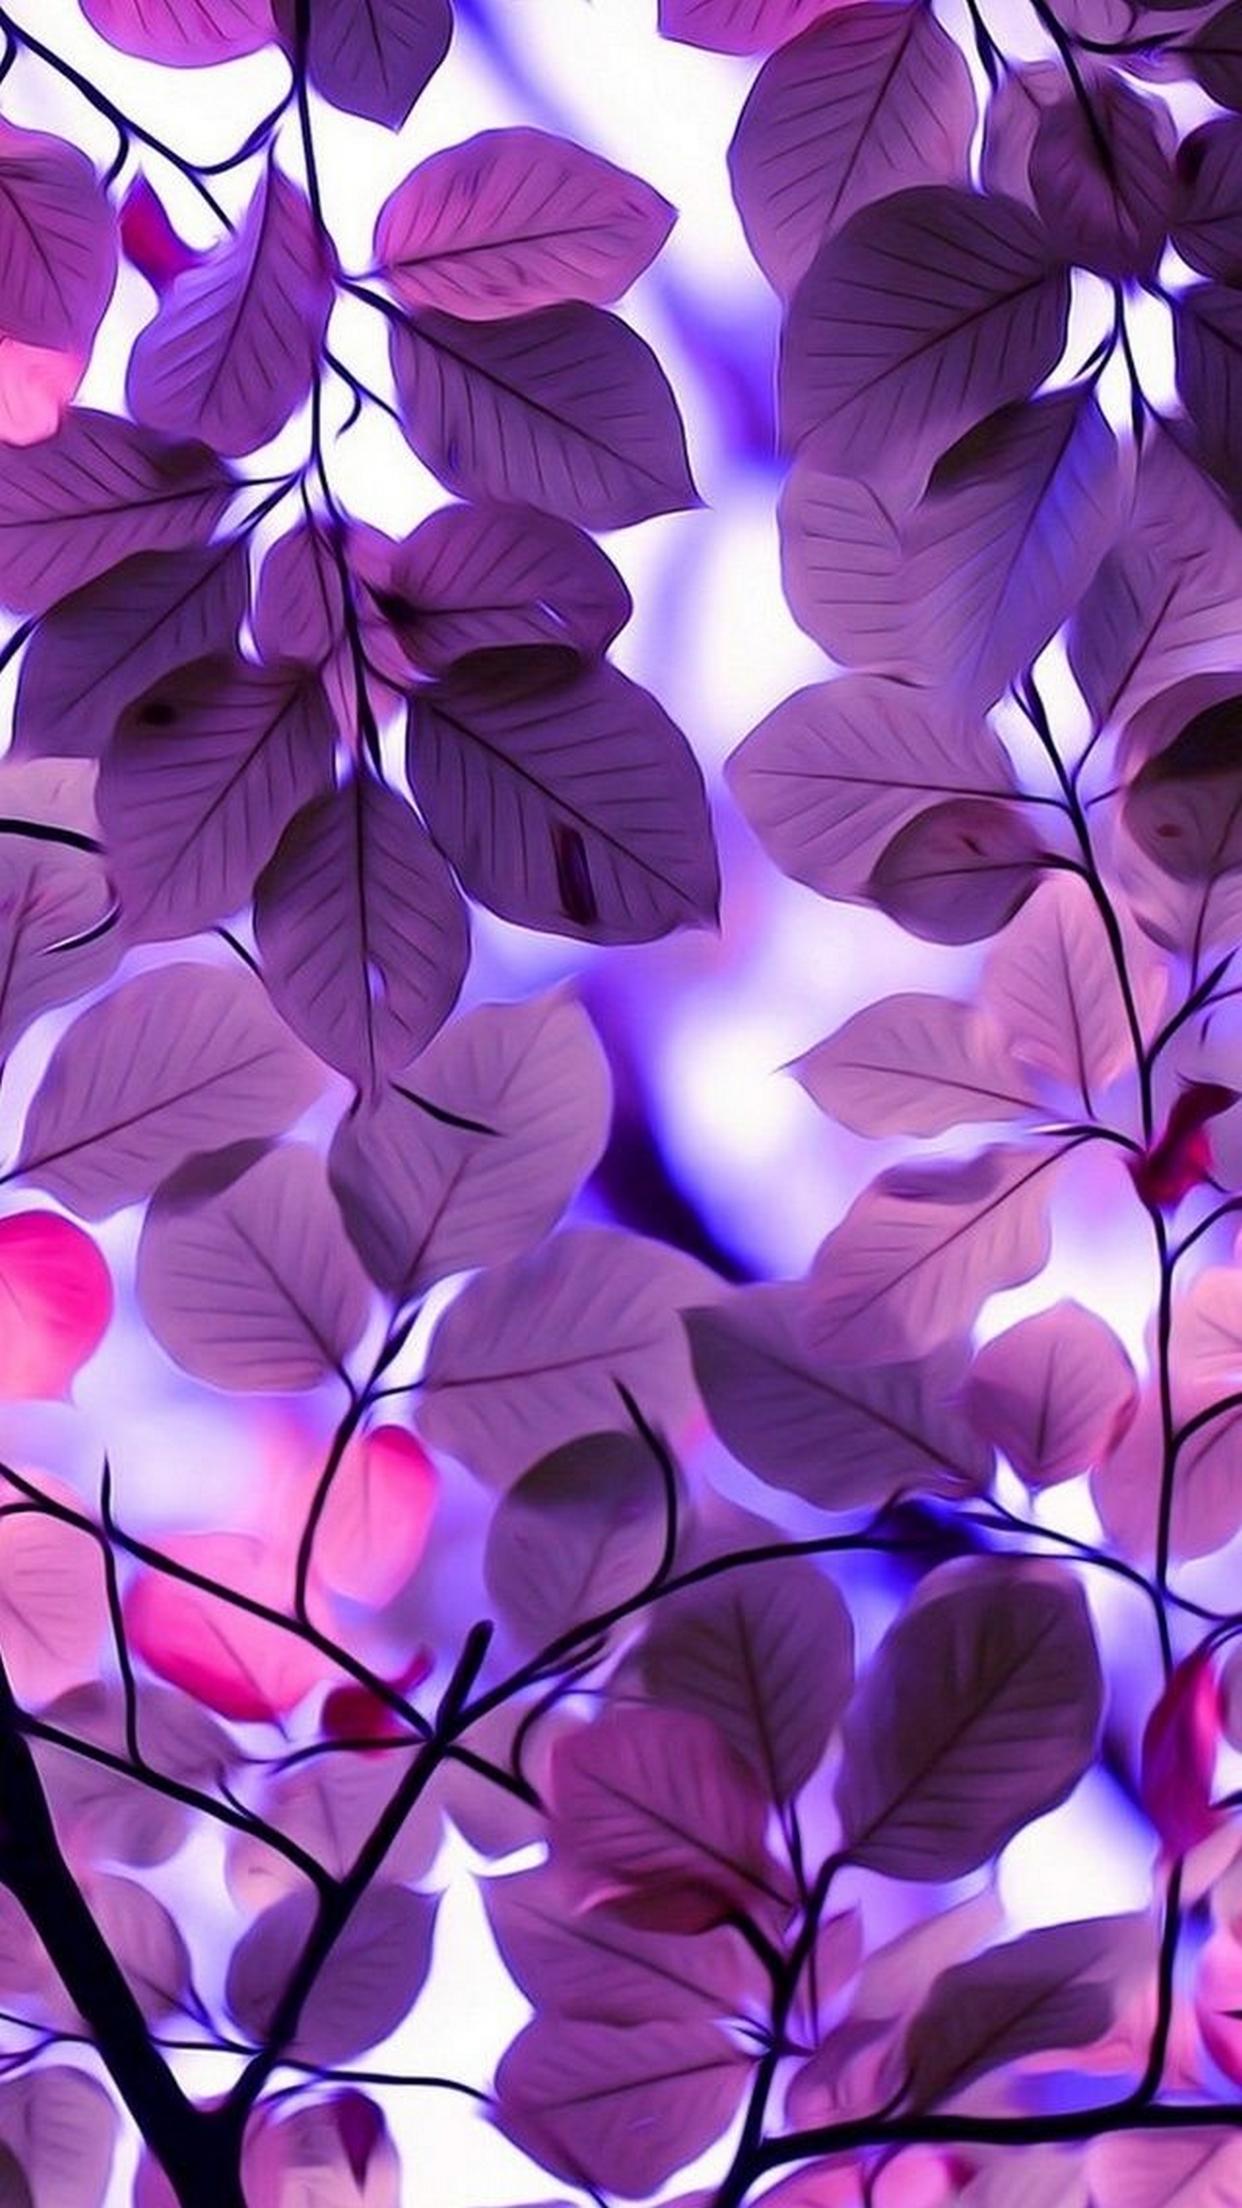 leaf violet color design flora nature art pattern flower beautiful